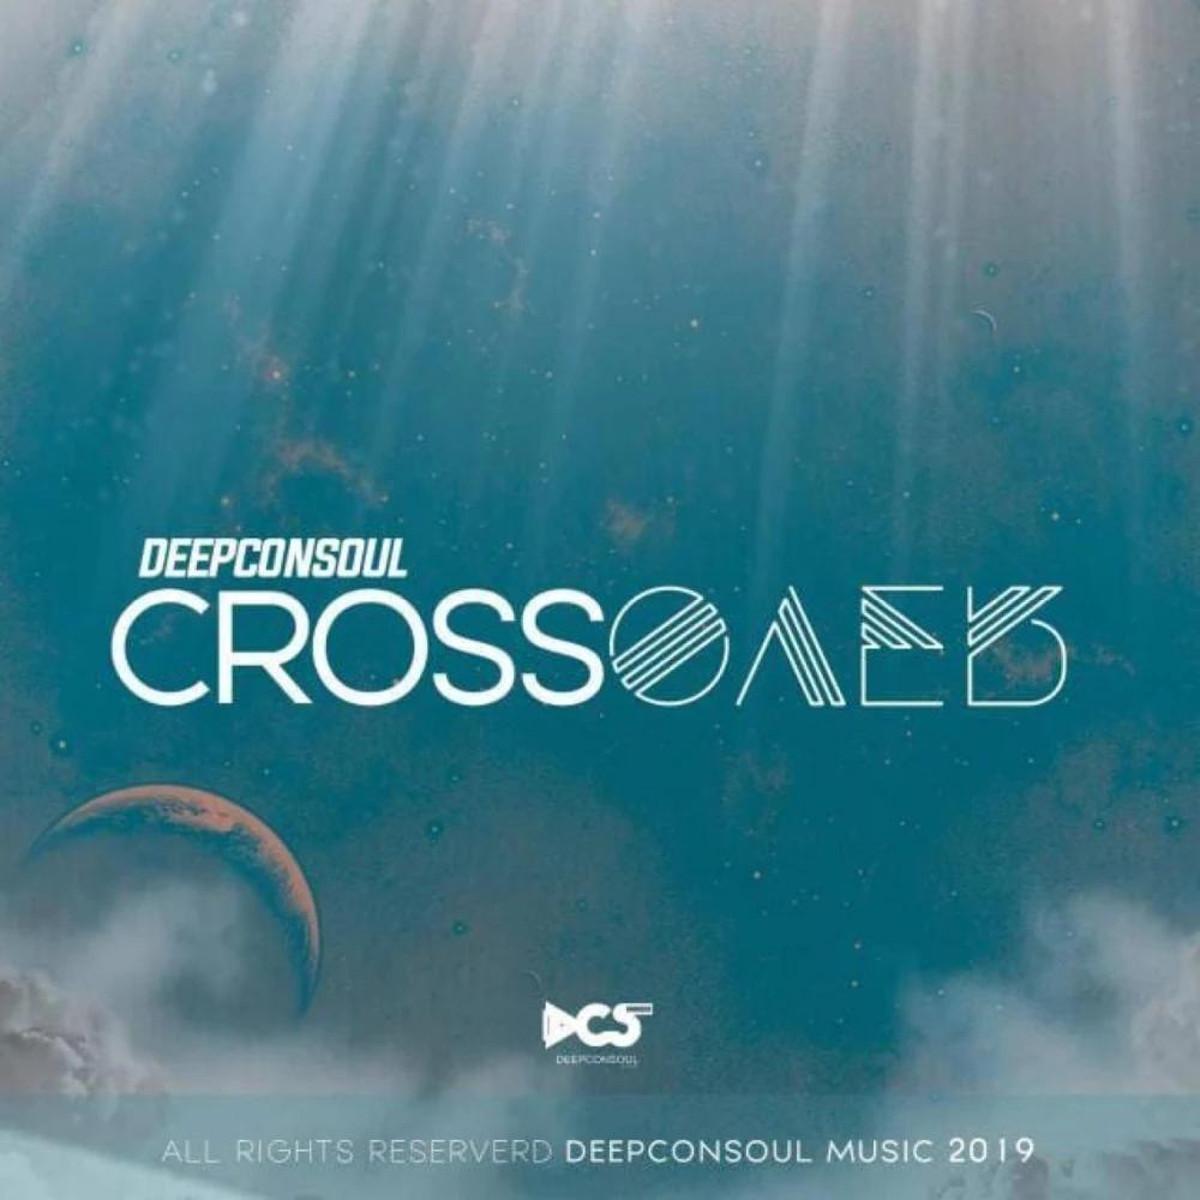 Deepconsoul - Crossover Album